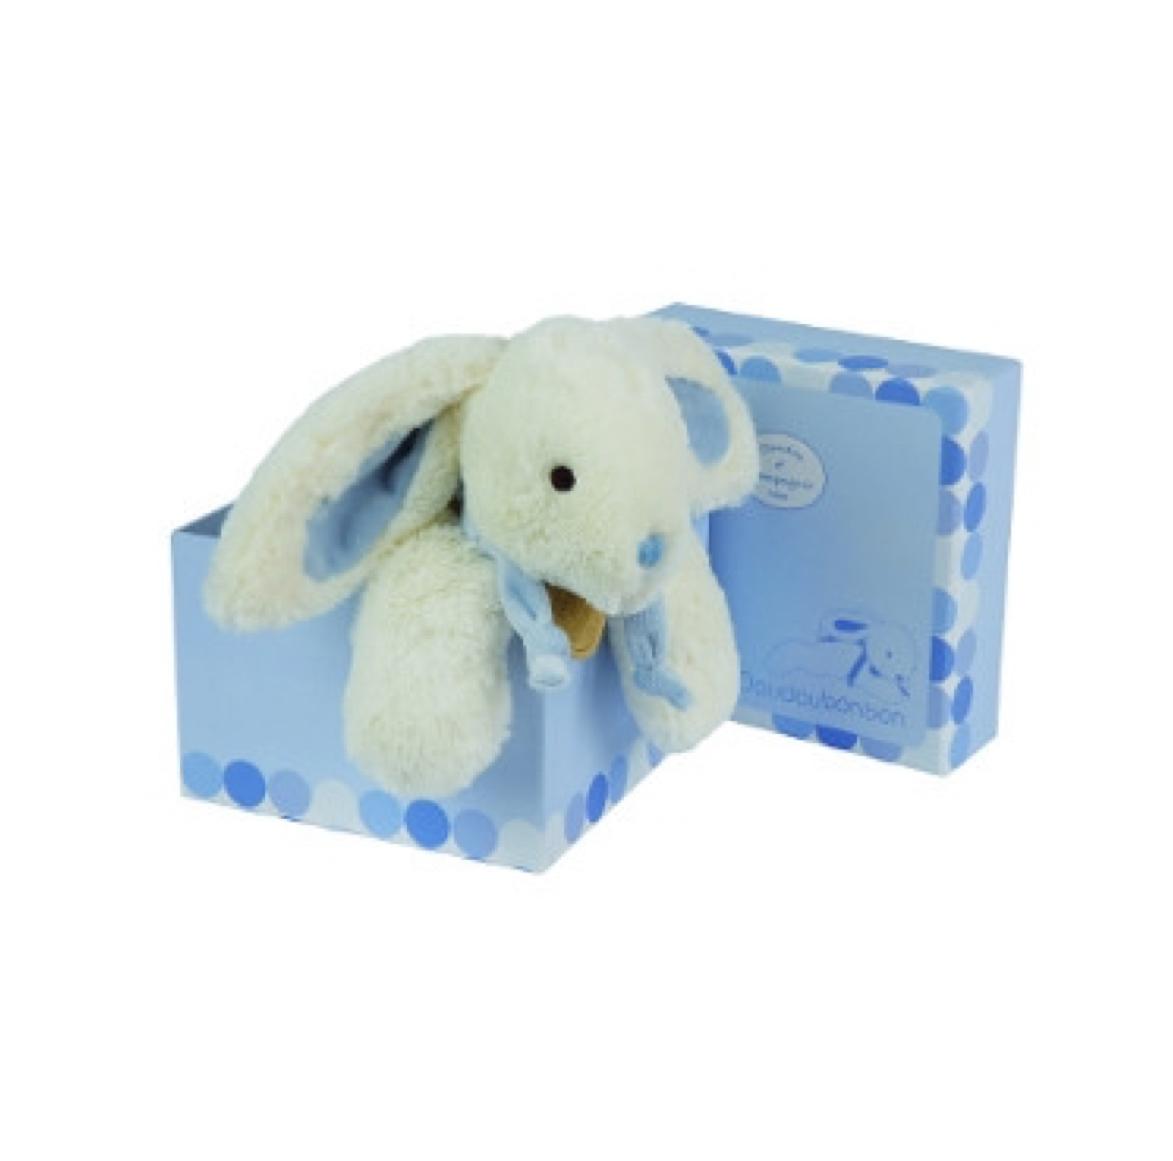 conejito-azul-bonbon-de-doudou-et-compaigne-en-el-mundo-de-mico